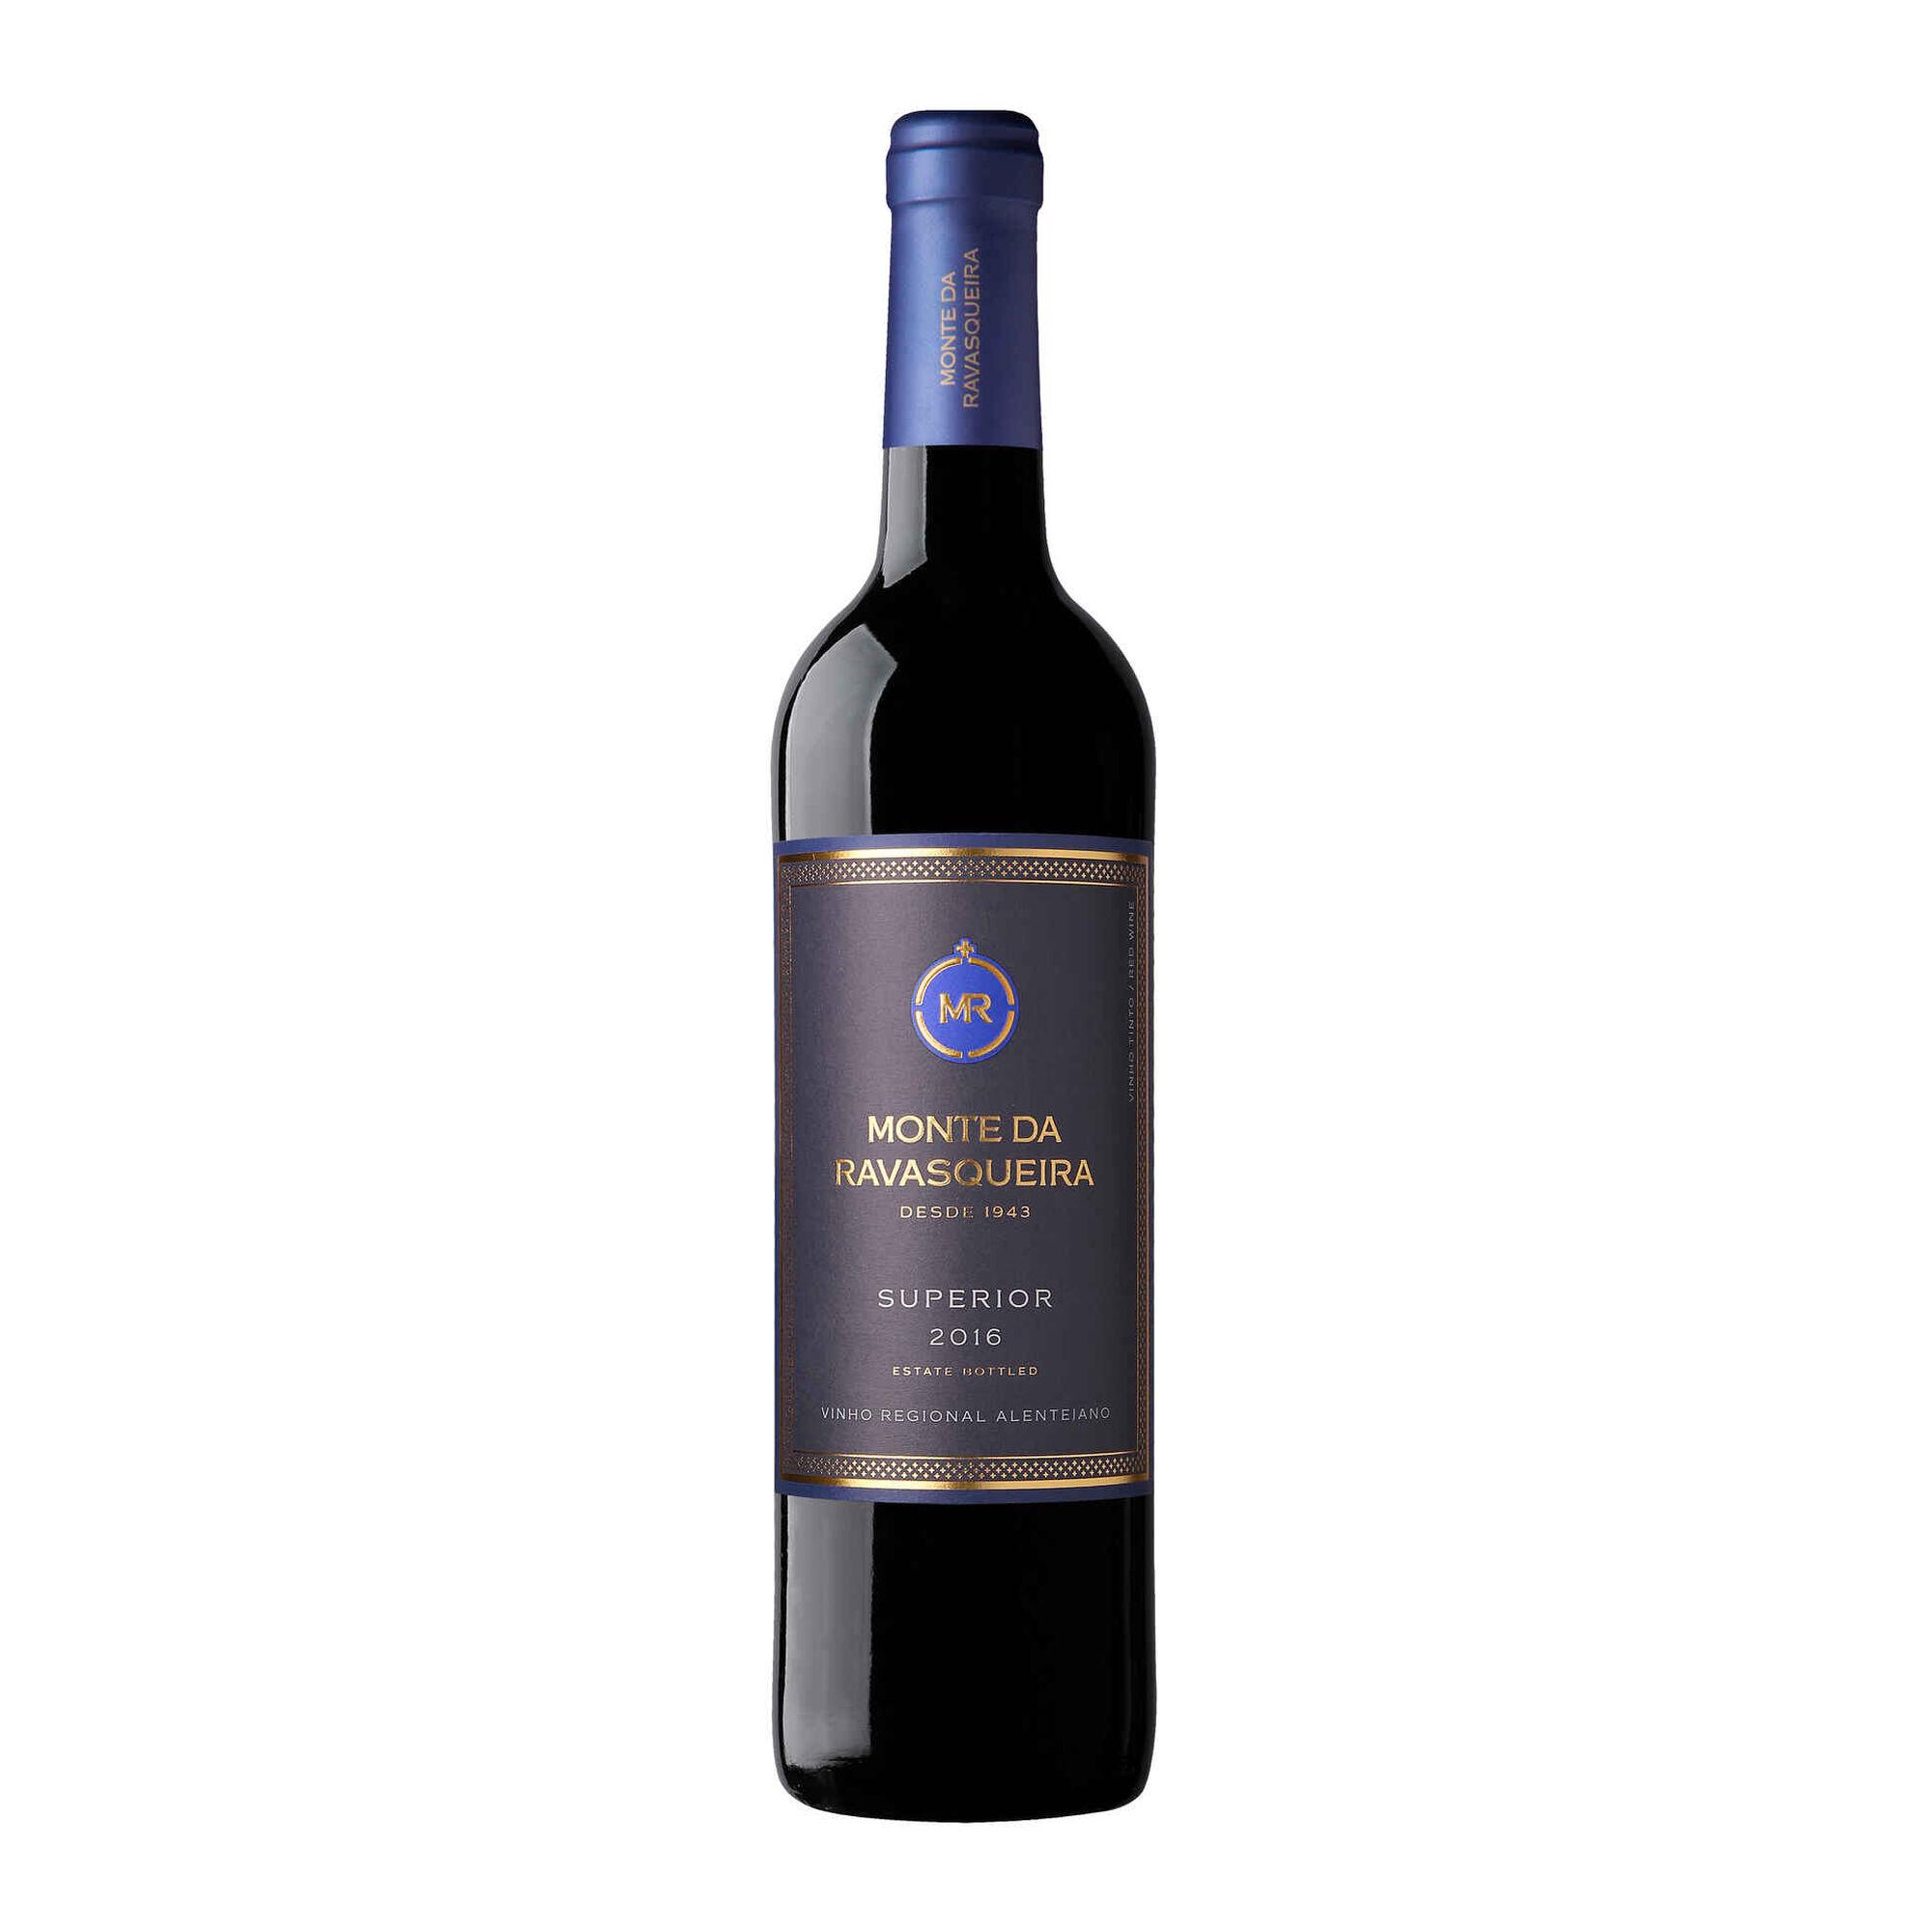 Monte da Ravasqueira Superior Regional Alentejano Vinho Tinto